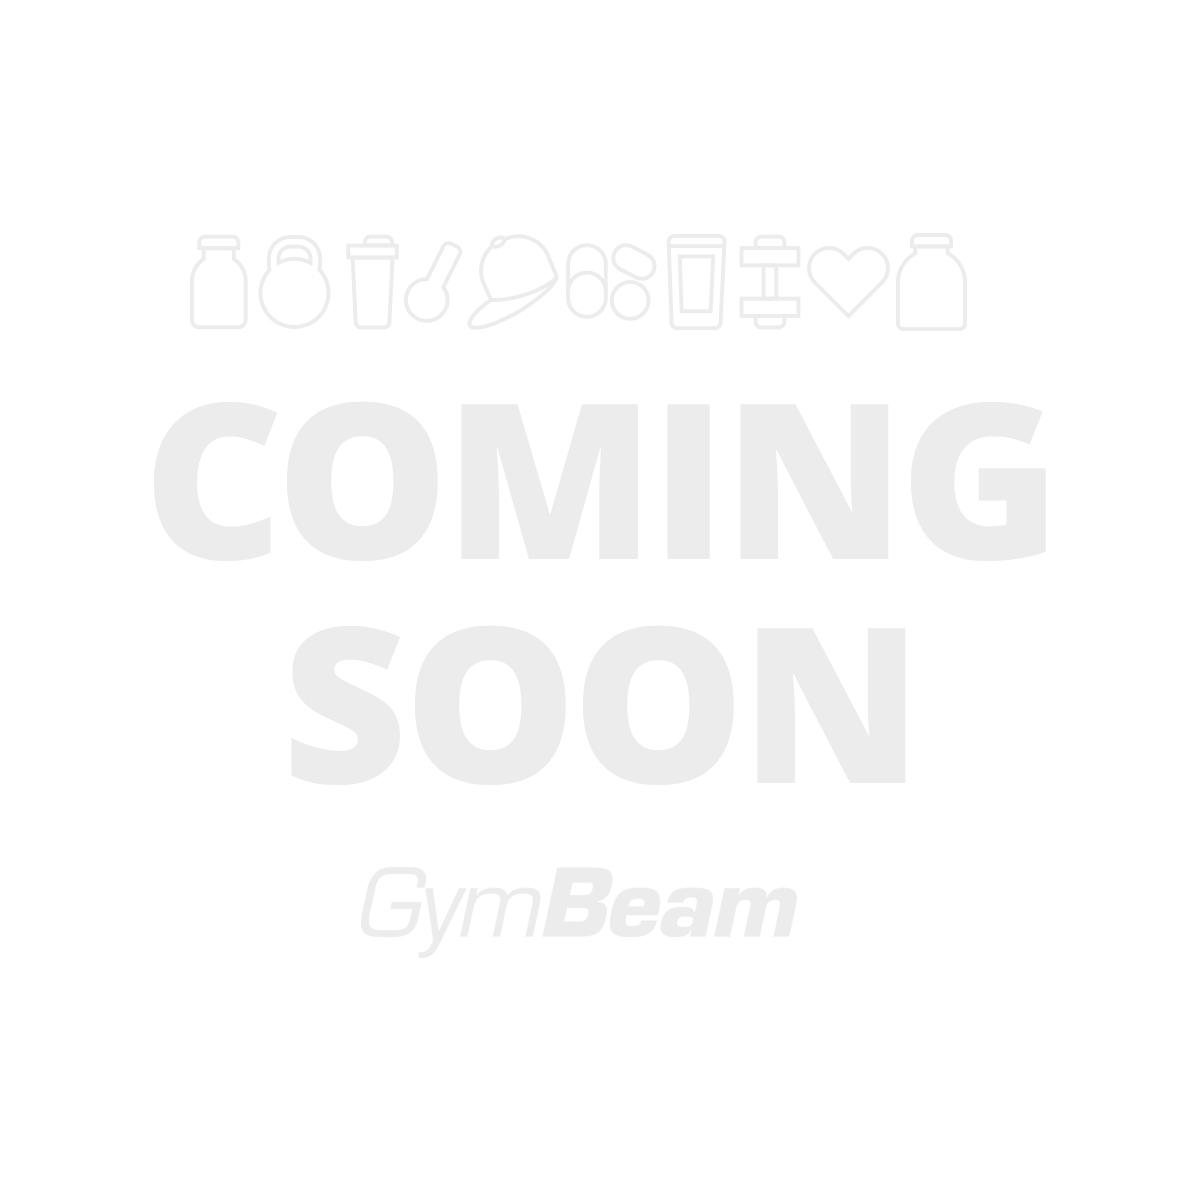 Térdbandázs - Gym Beam